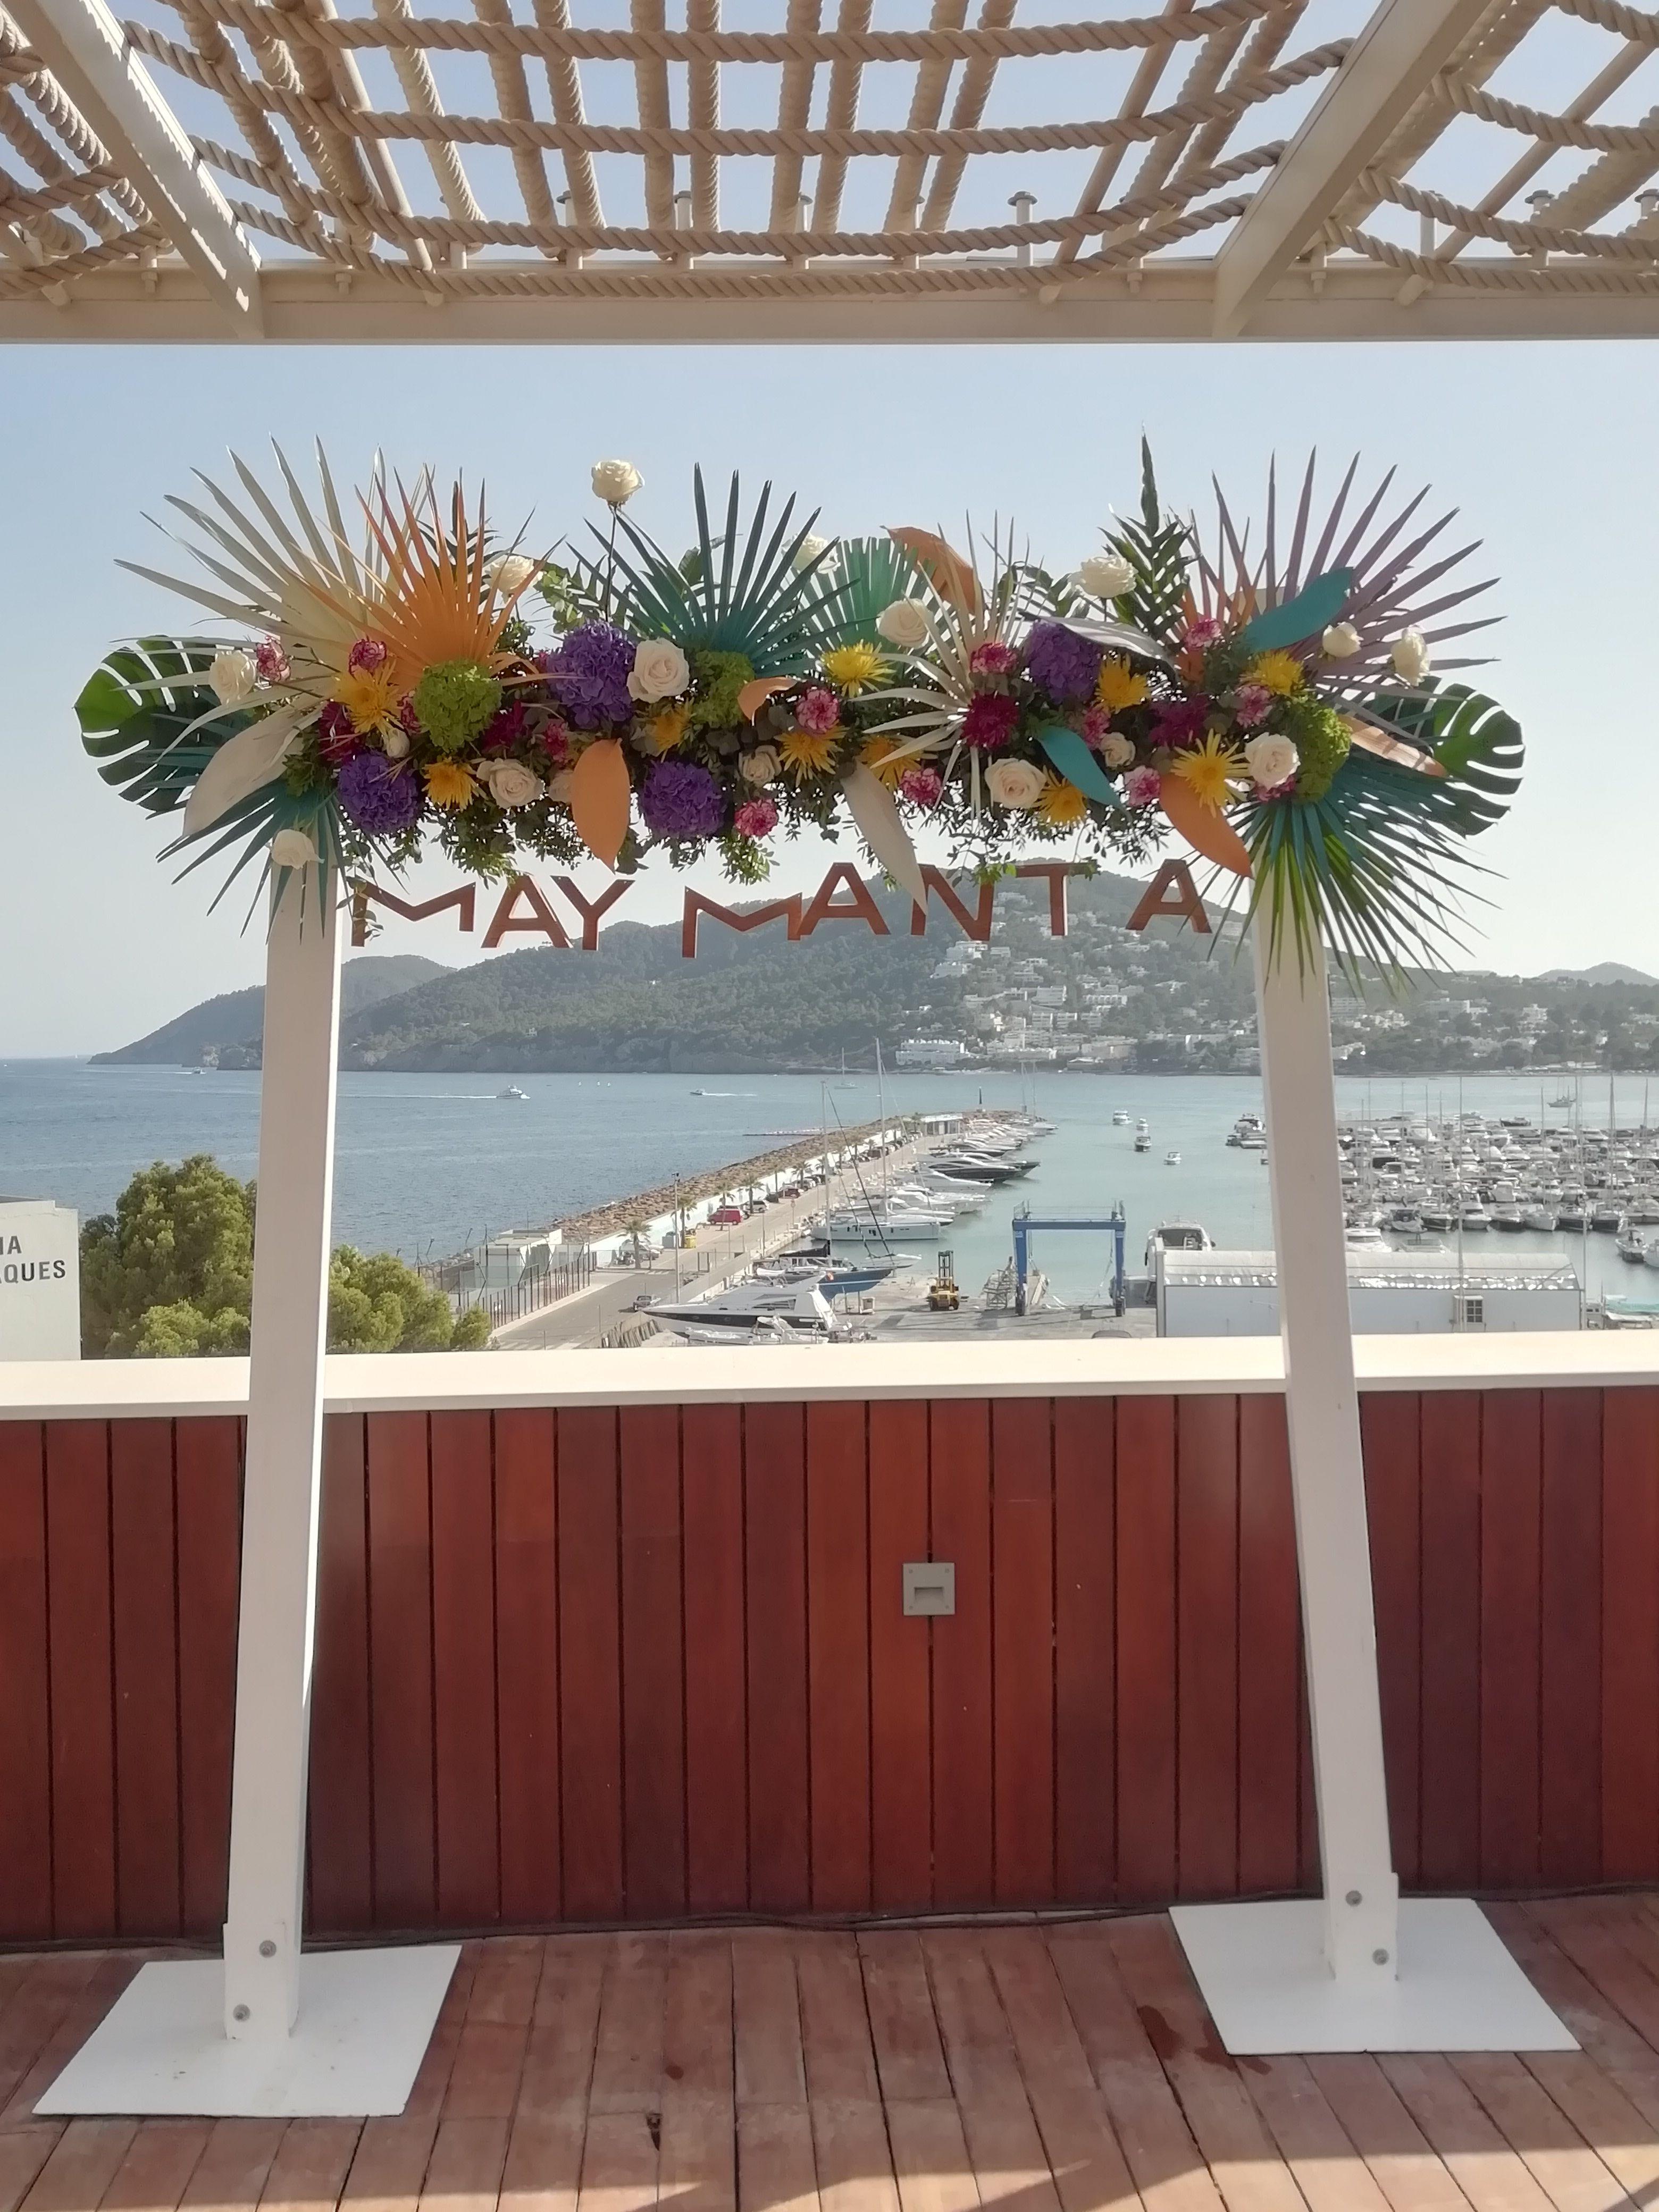 Fotocool rest  peruano Maymana en Nueva terraza hotel Aguas de Ibiza